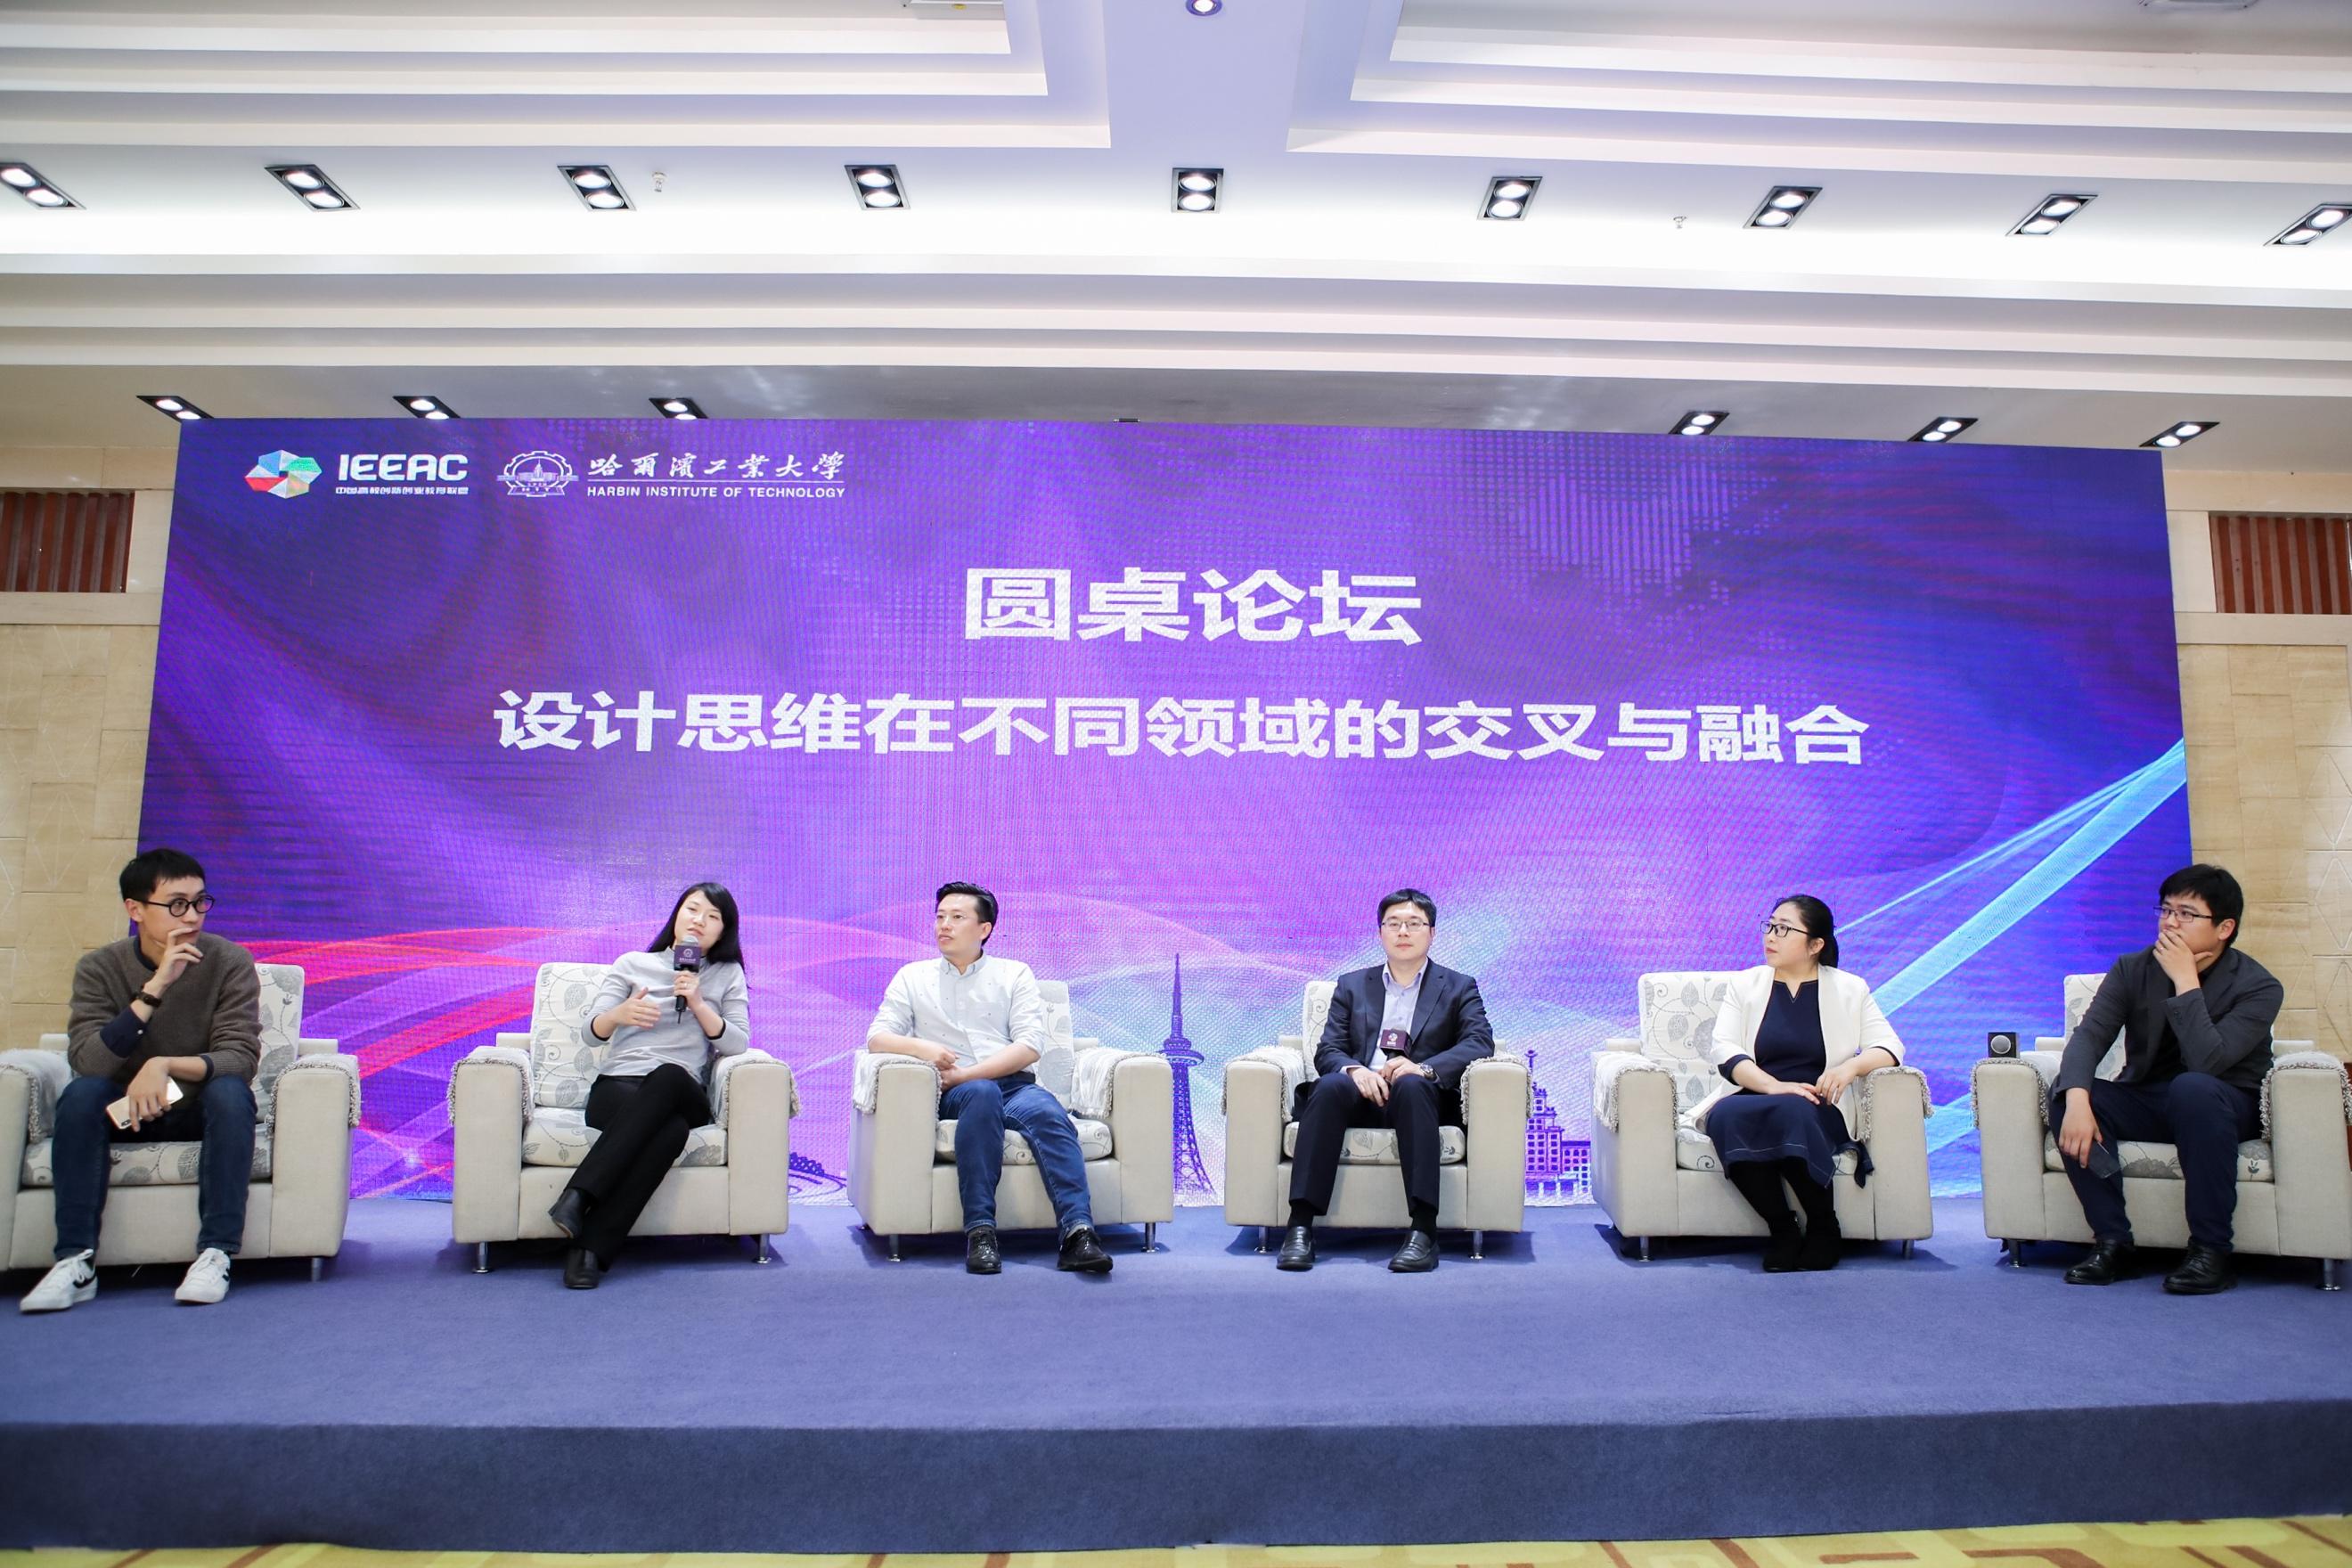 清华大学中意设计创新基地与中国高校创新创业教育联盟签署战略合作协议